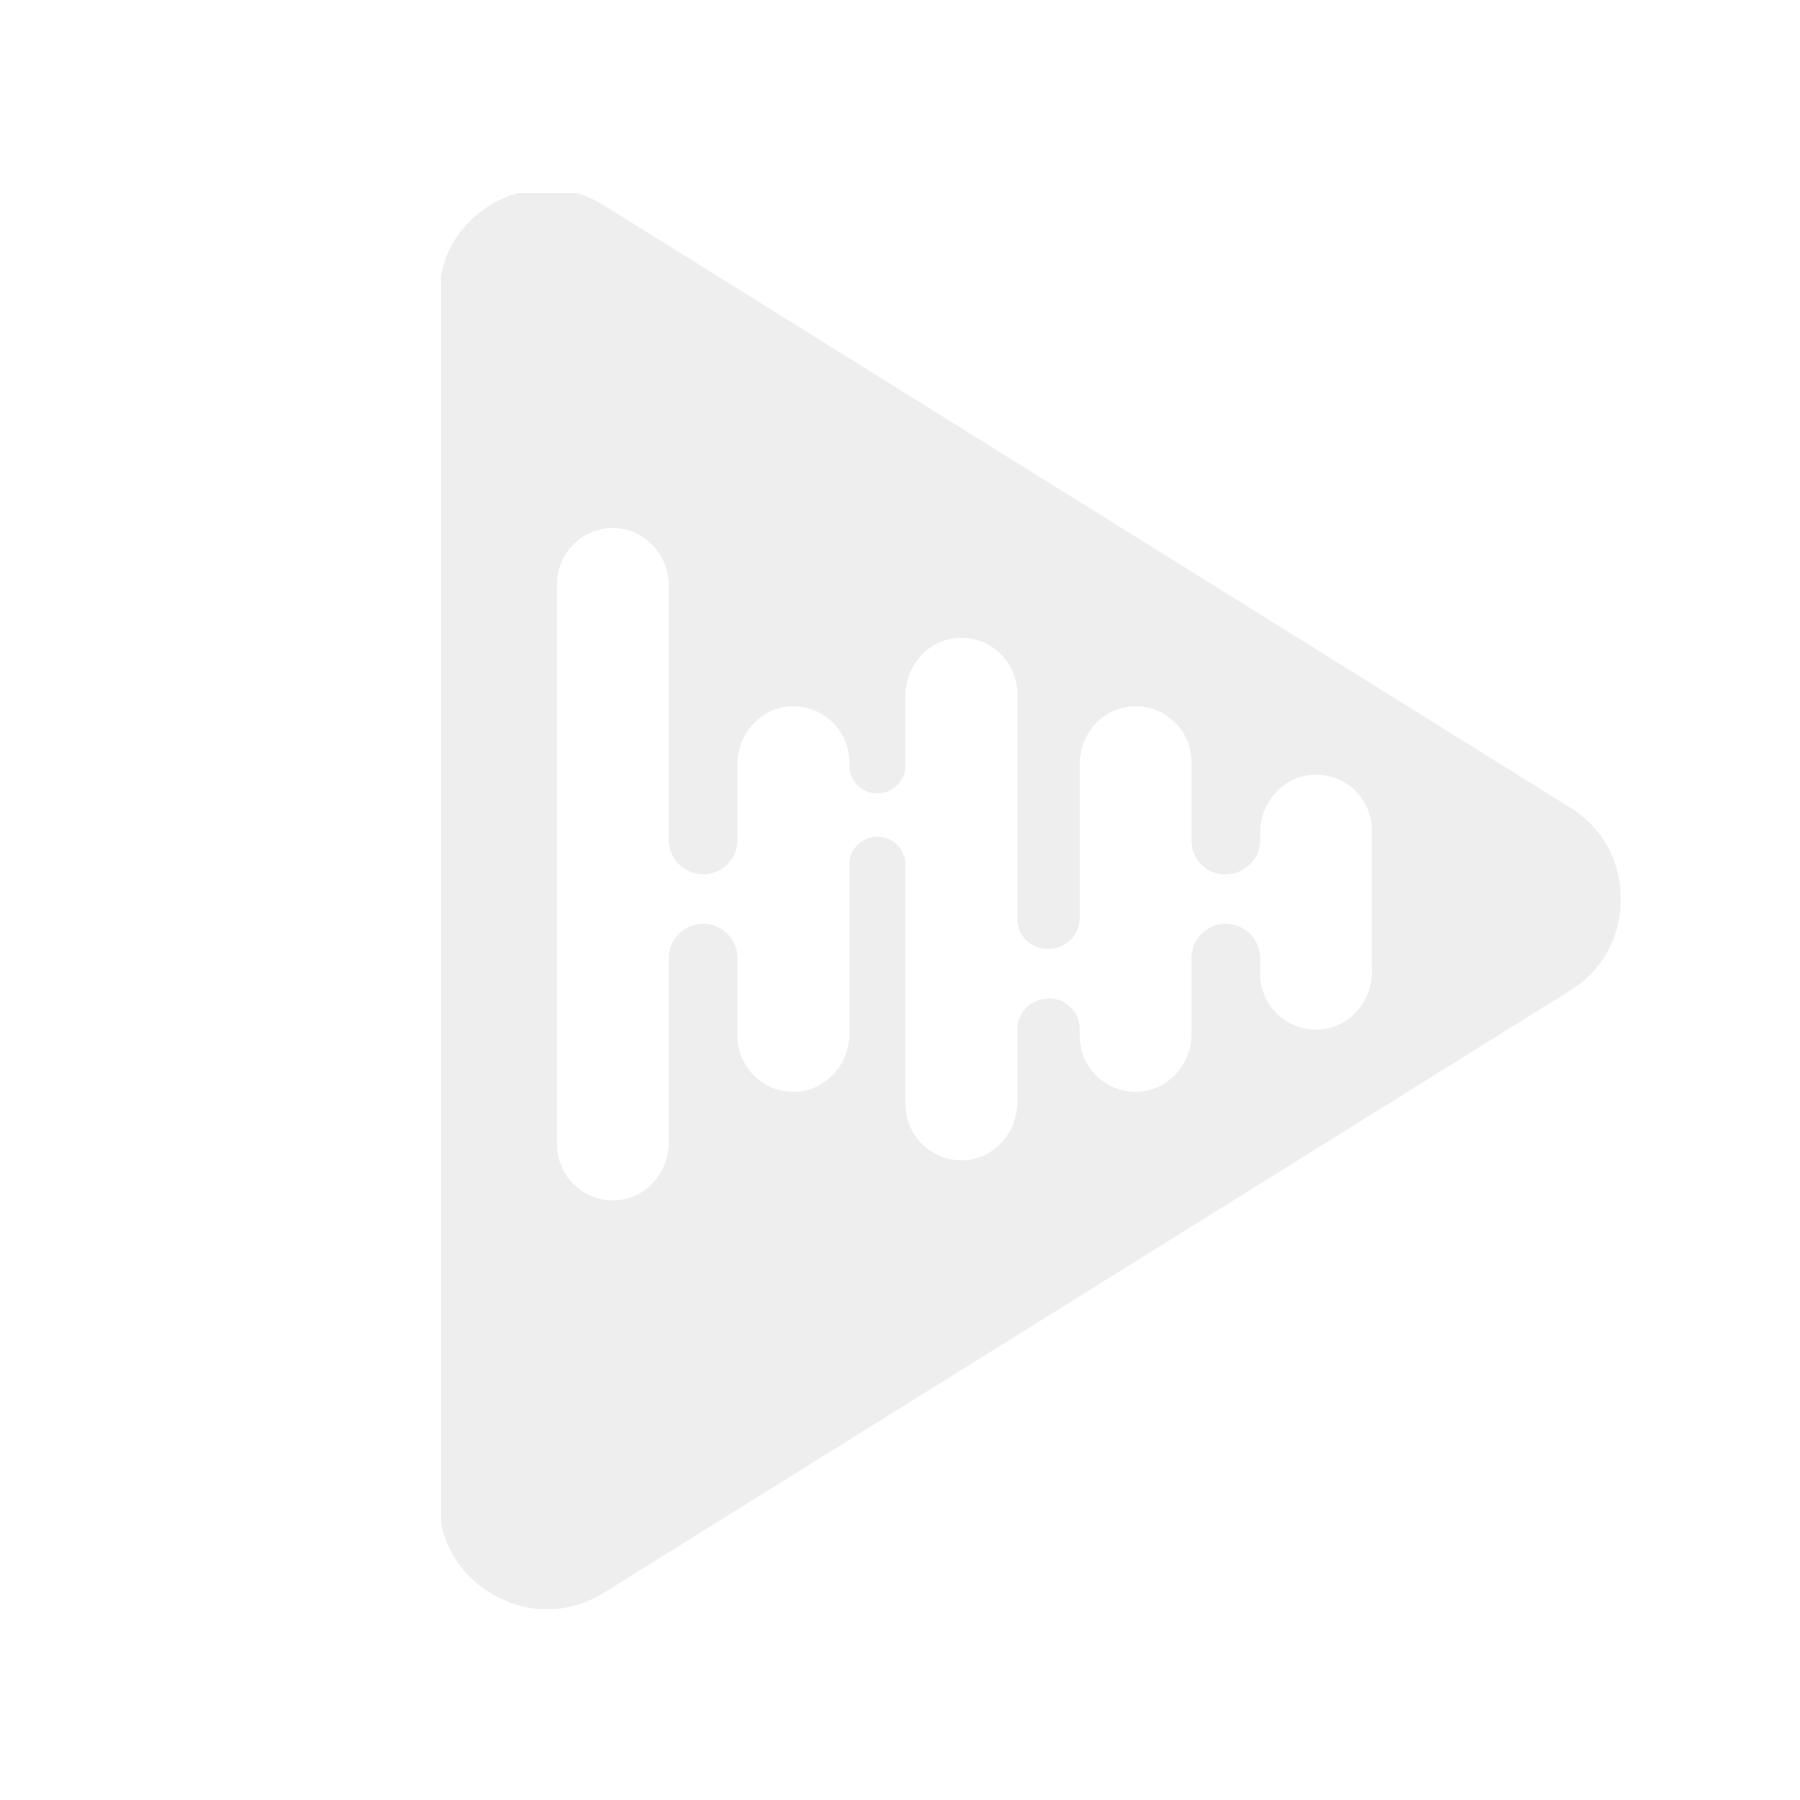 PSB Imagine T2 - Gulvhøyttalere, sort pianolakk (Par)